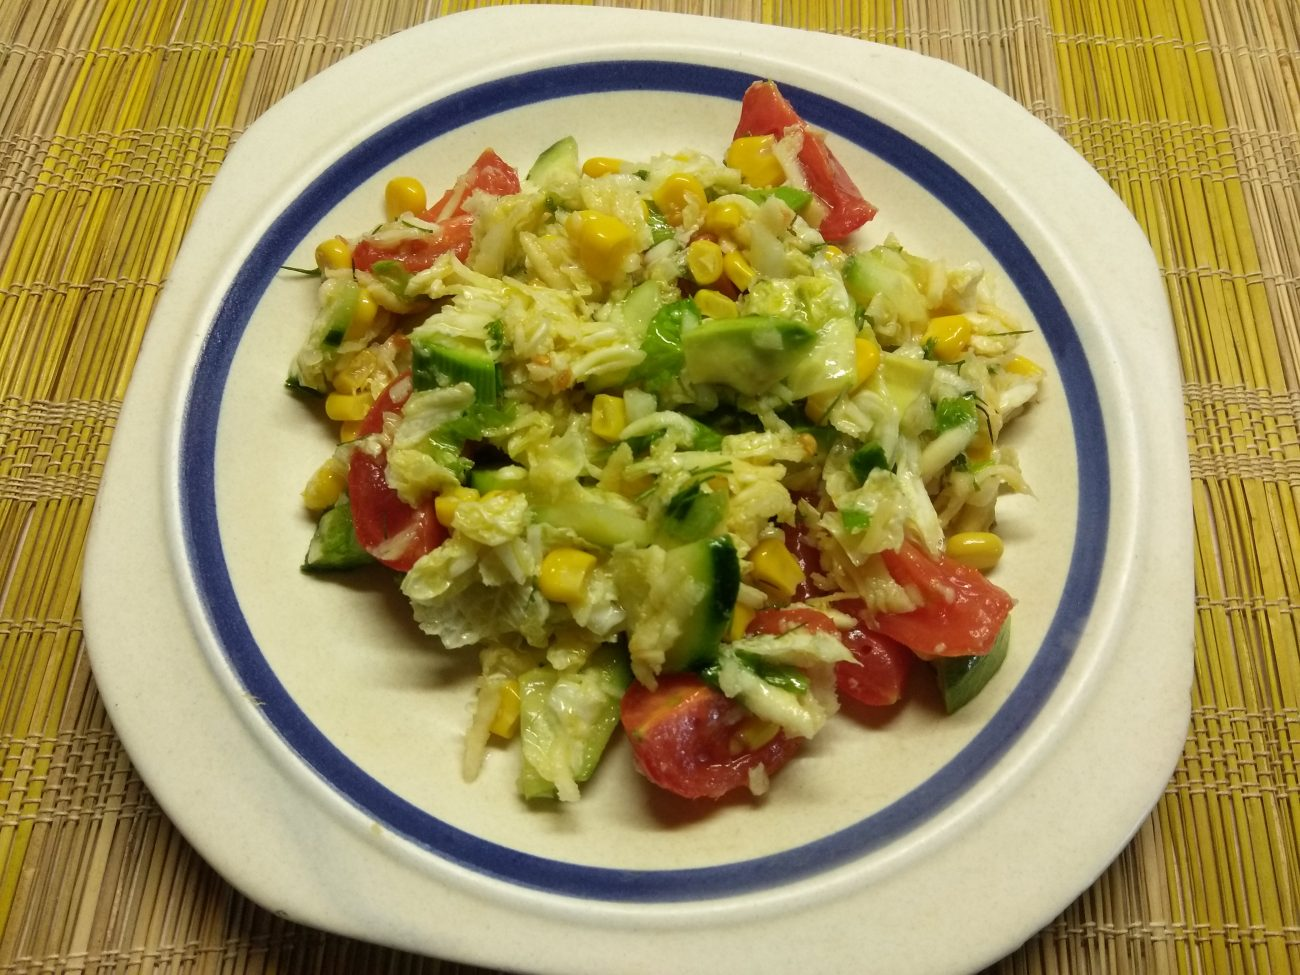 Салат овощной с кукурузой, авокадо и пекинской капустой